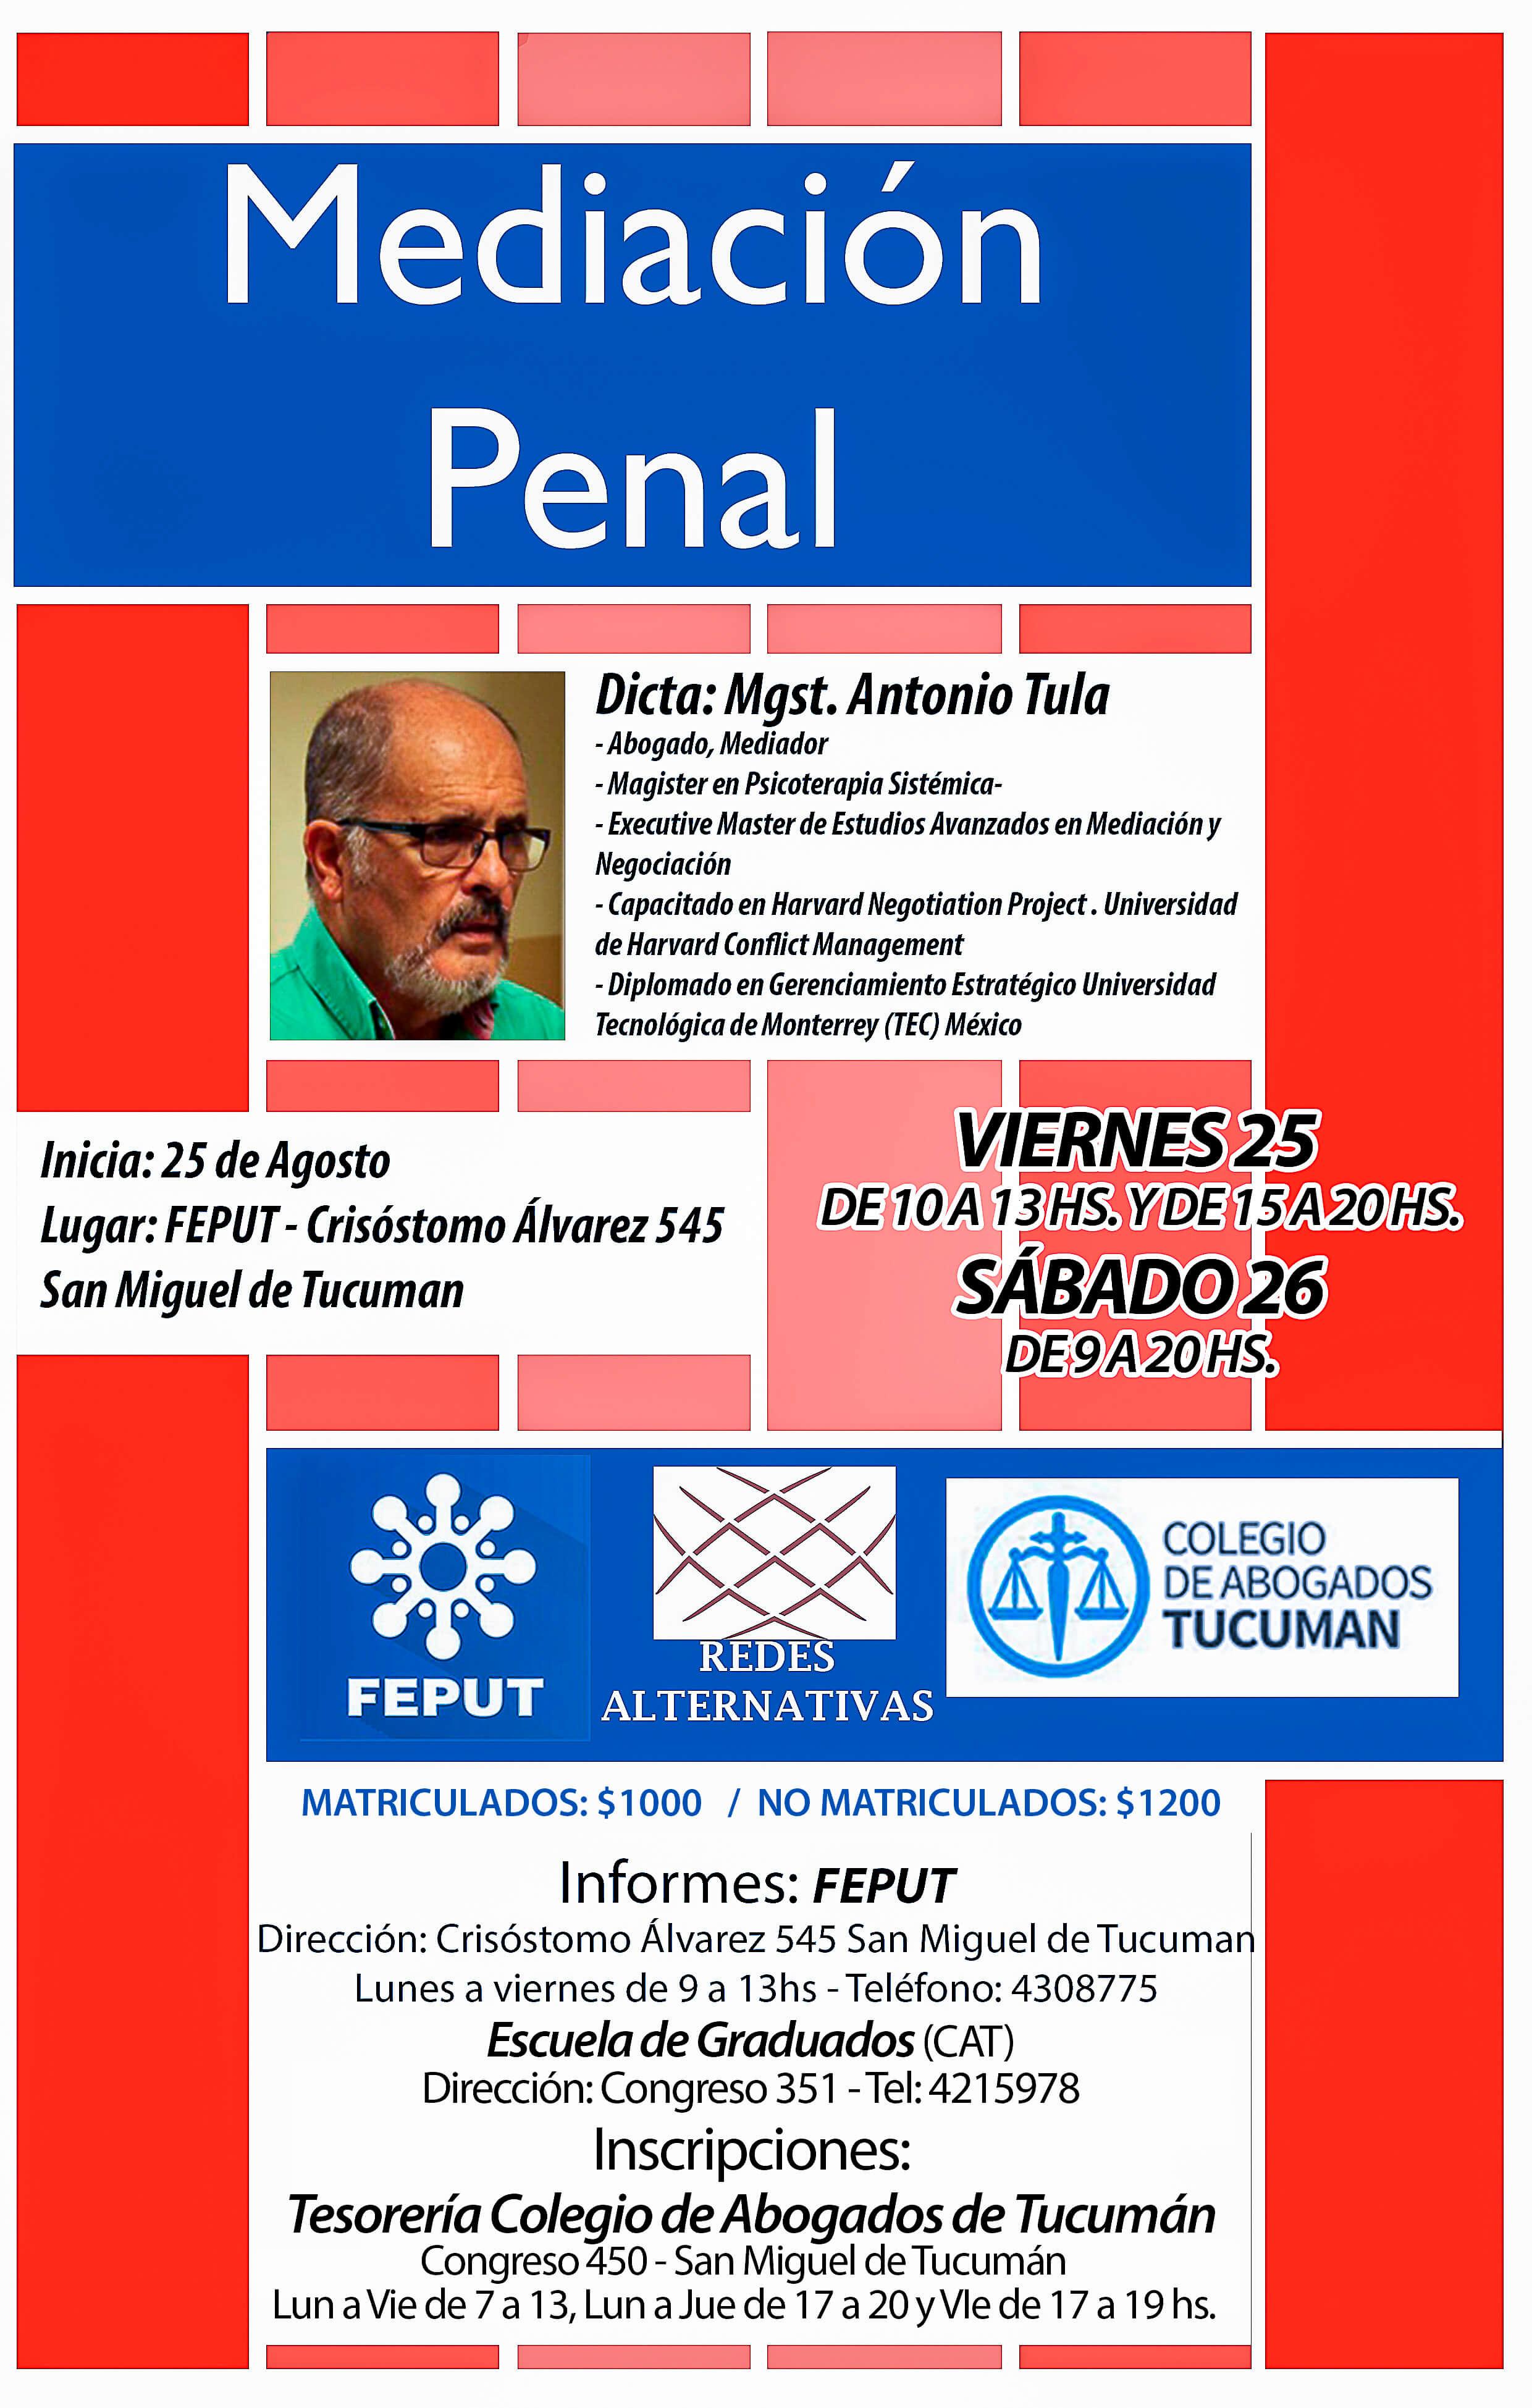 Mediación Penal Tucuman 2017